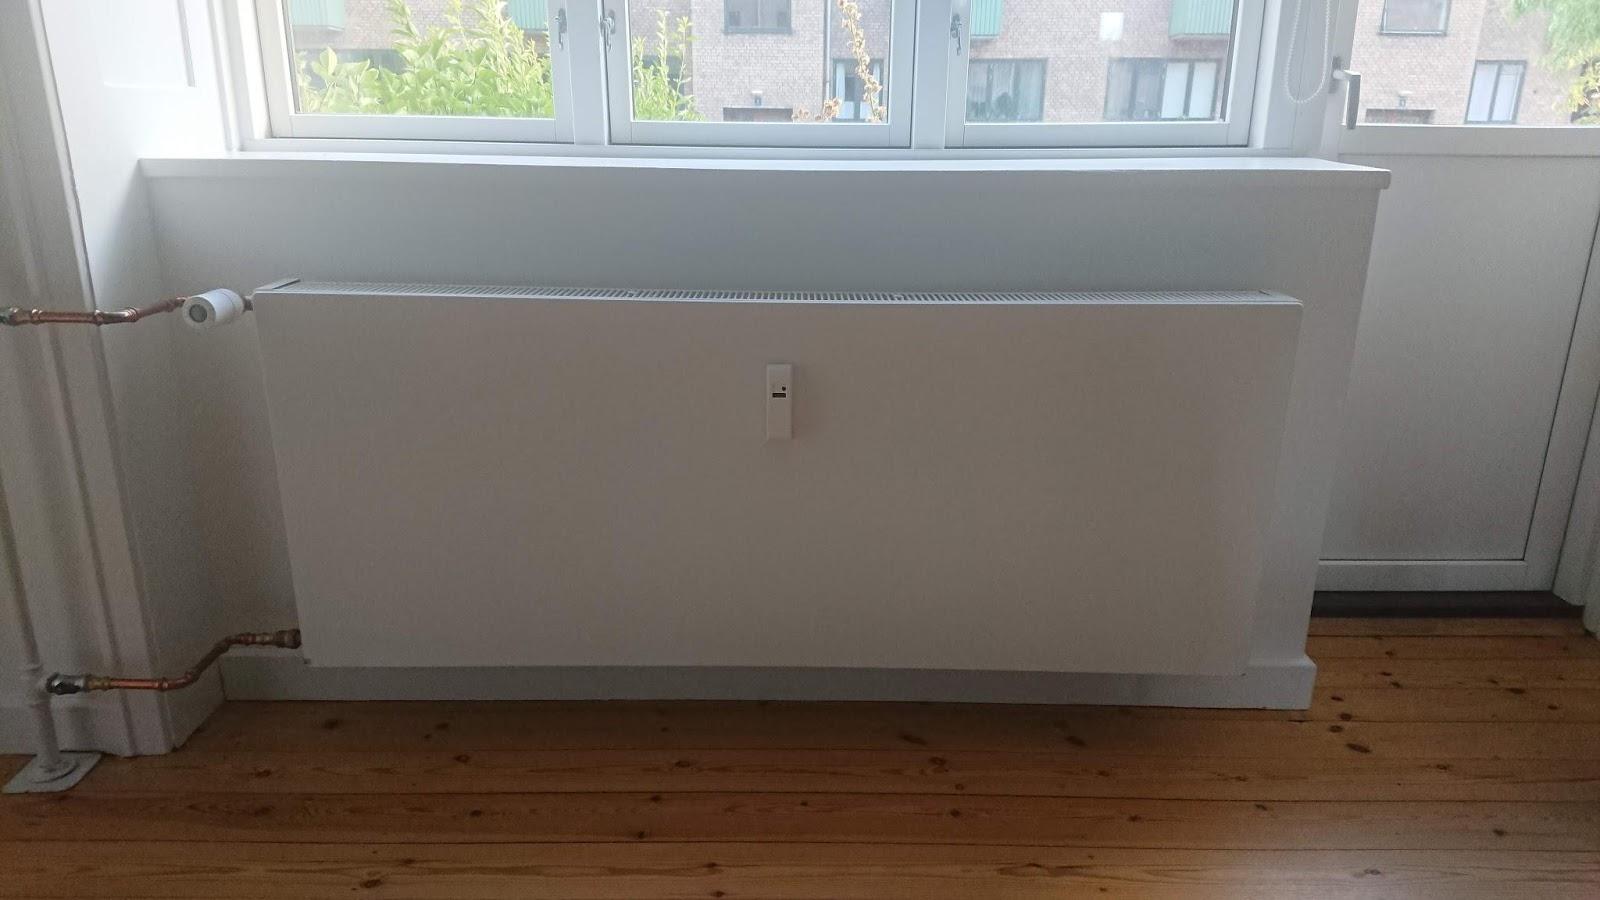 radiator-isolering.jpg